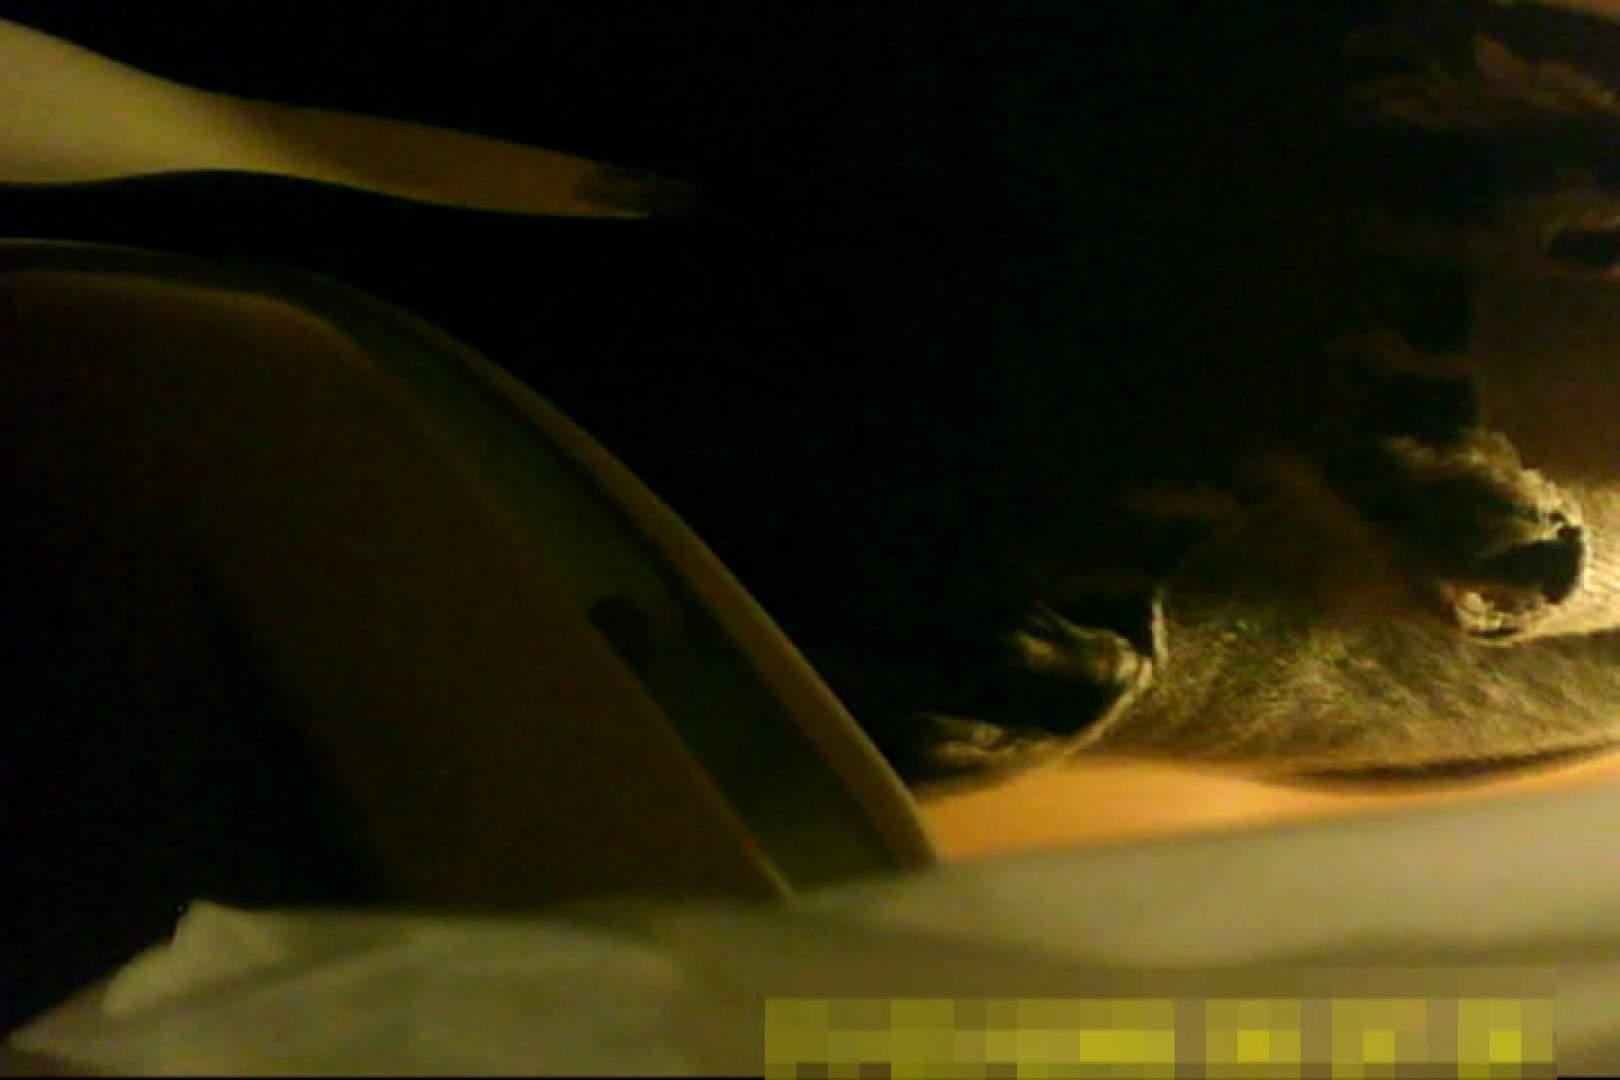 魅惑の化粧室~禁断のプライベート空間~vol.8 その他 | すけべなOL  89画像 57